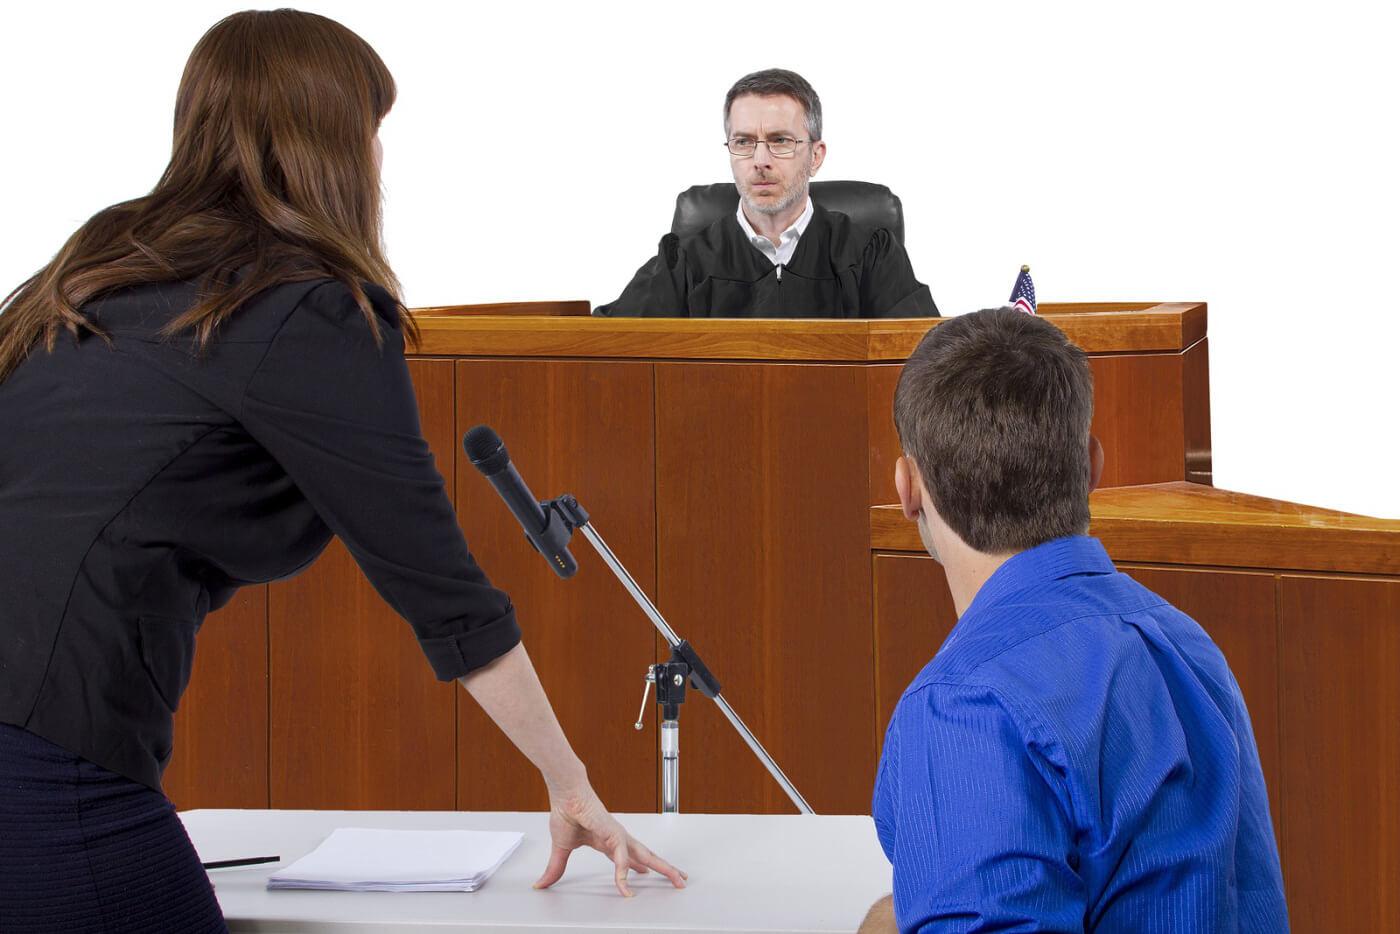 Ходатайство об отложении судебного заседания, скачать образец заявления